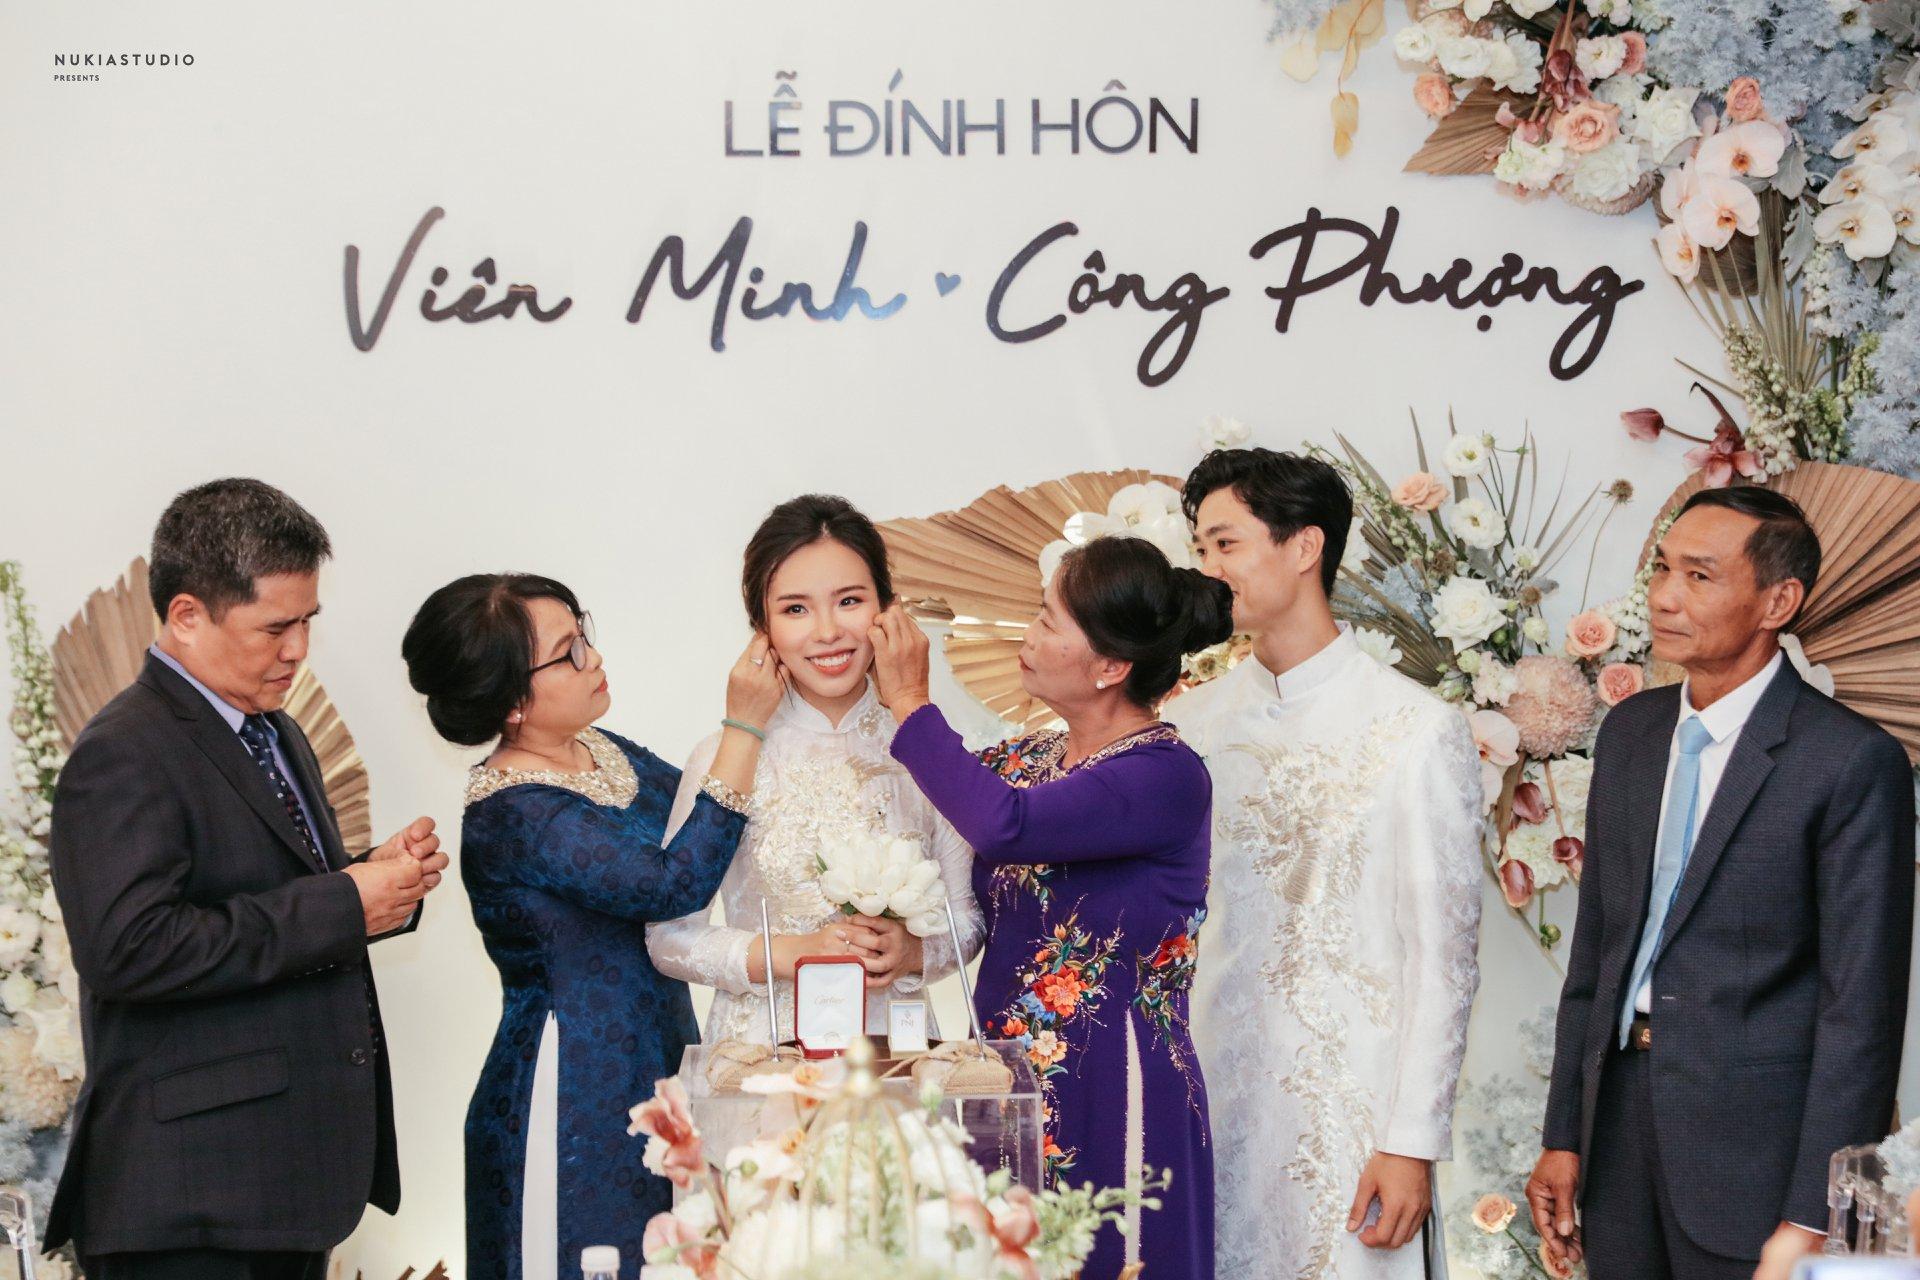 Công Phượng chính thức lên tiếng sau lễ ăn hỏi bí mật, tung ảnh cưới hạnh phúc bên cô dâu xinh đẹp 1